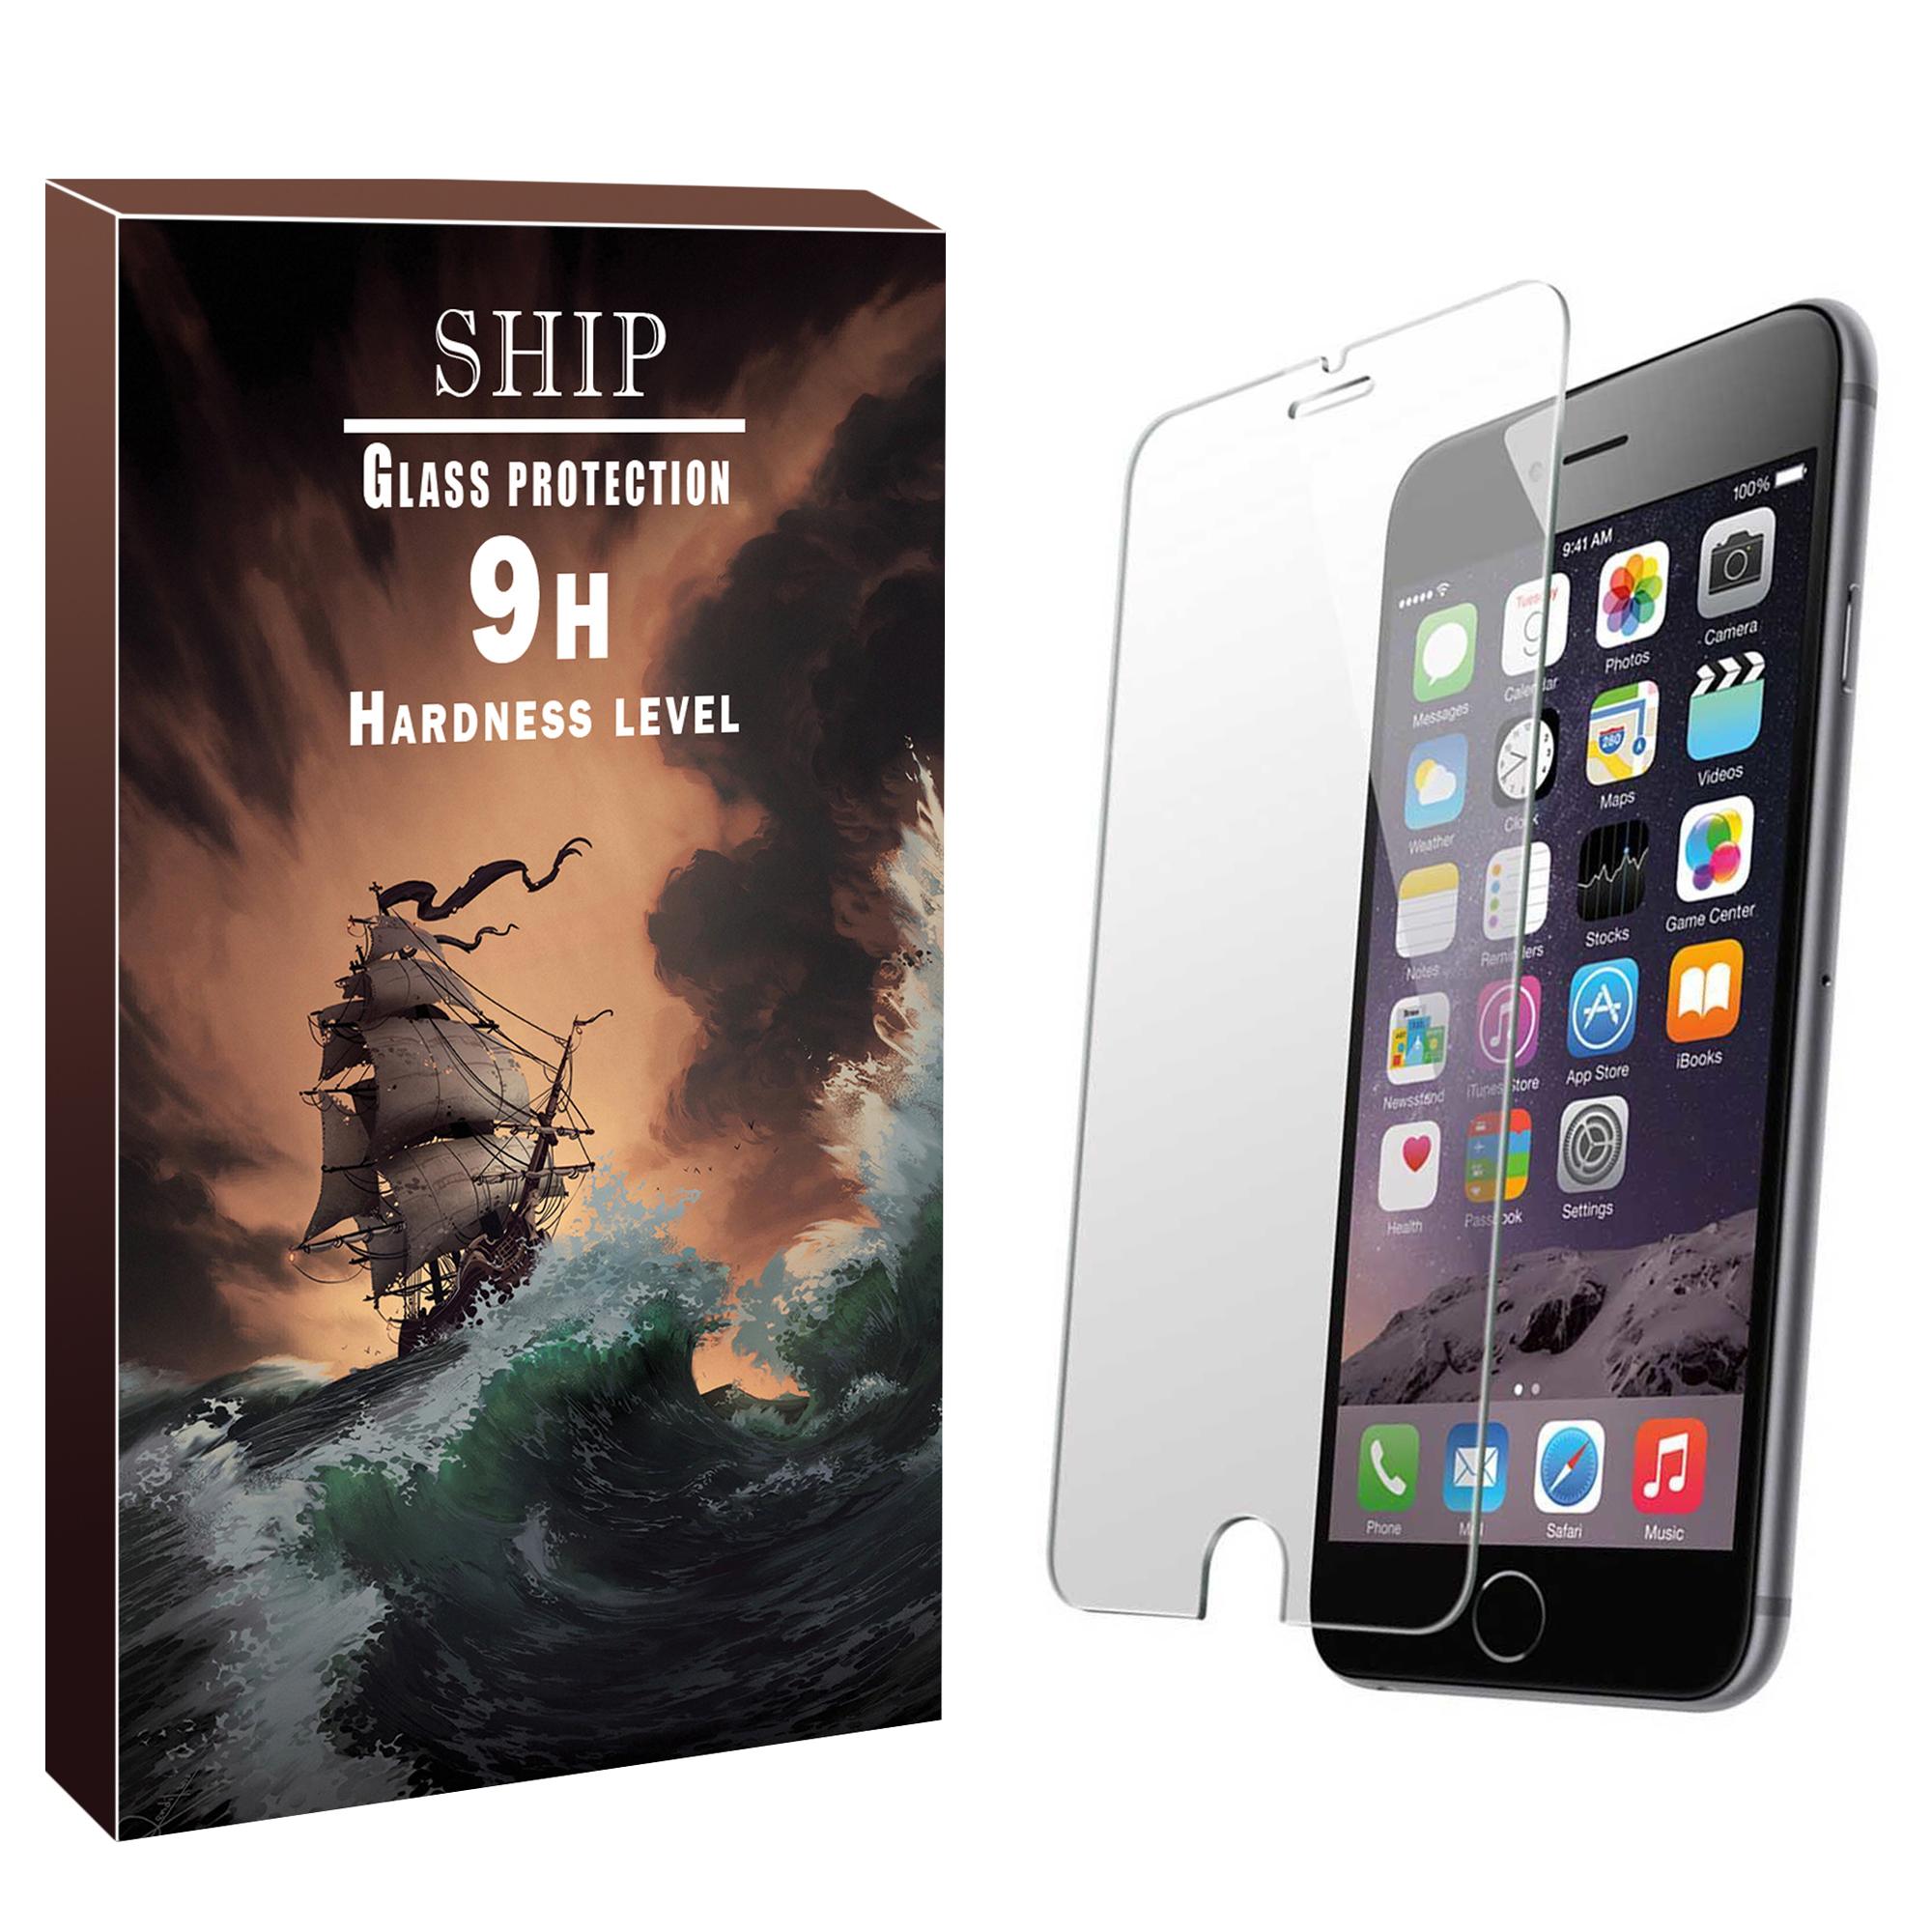 محافظ صفحه نمایش شیپ مدل SAD-01 مناسب برای گوشی موبایل اپل Iphone SE 2020